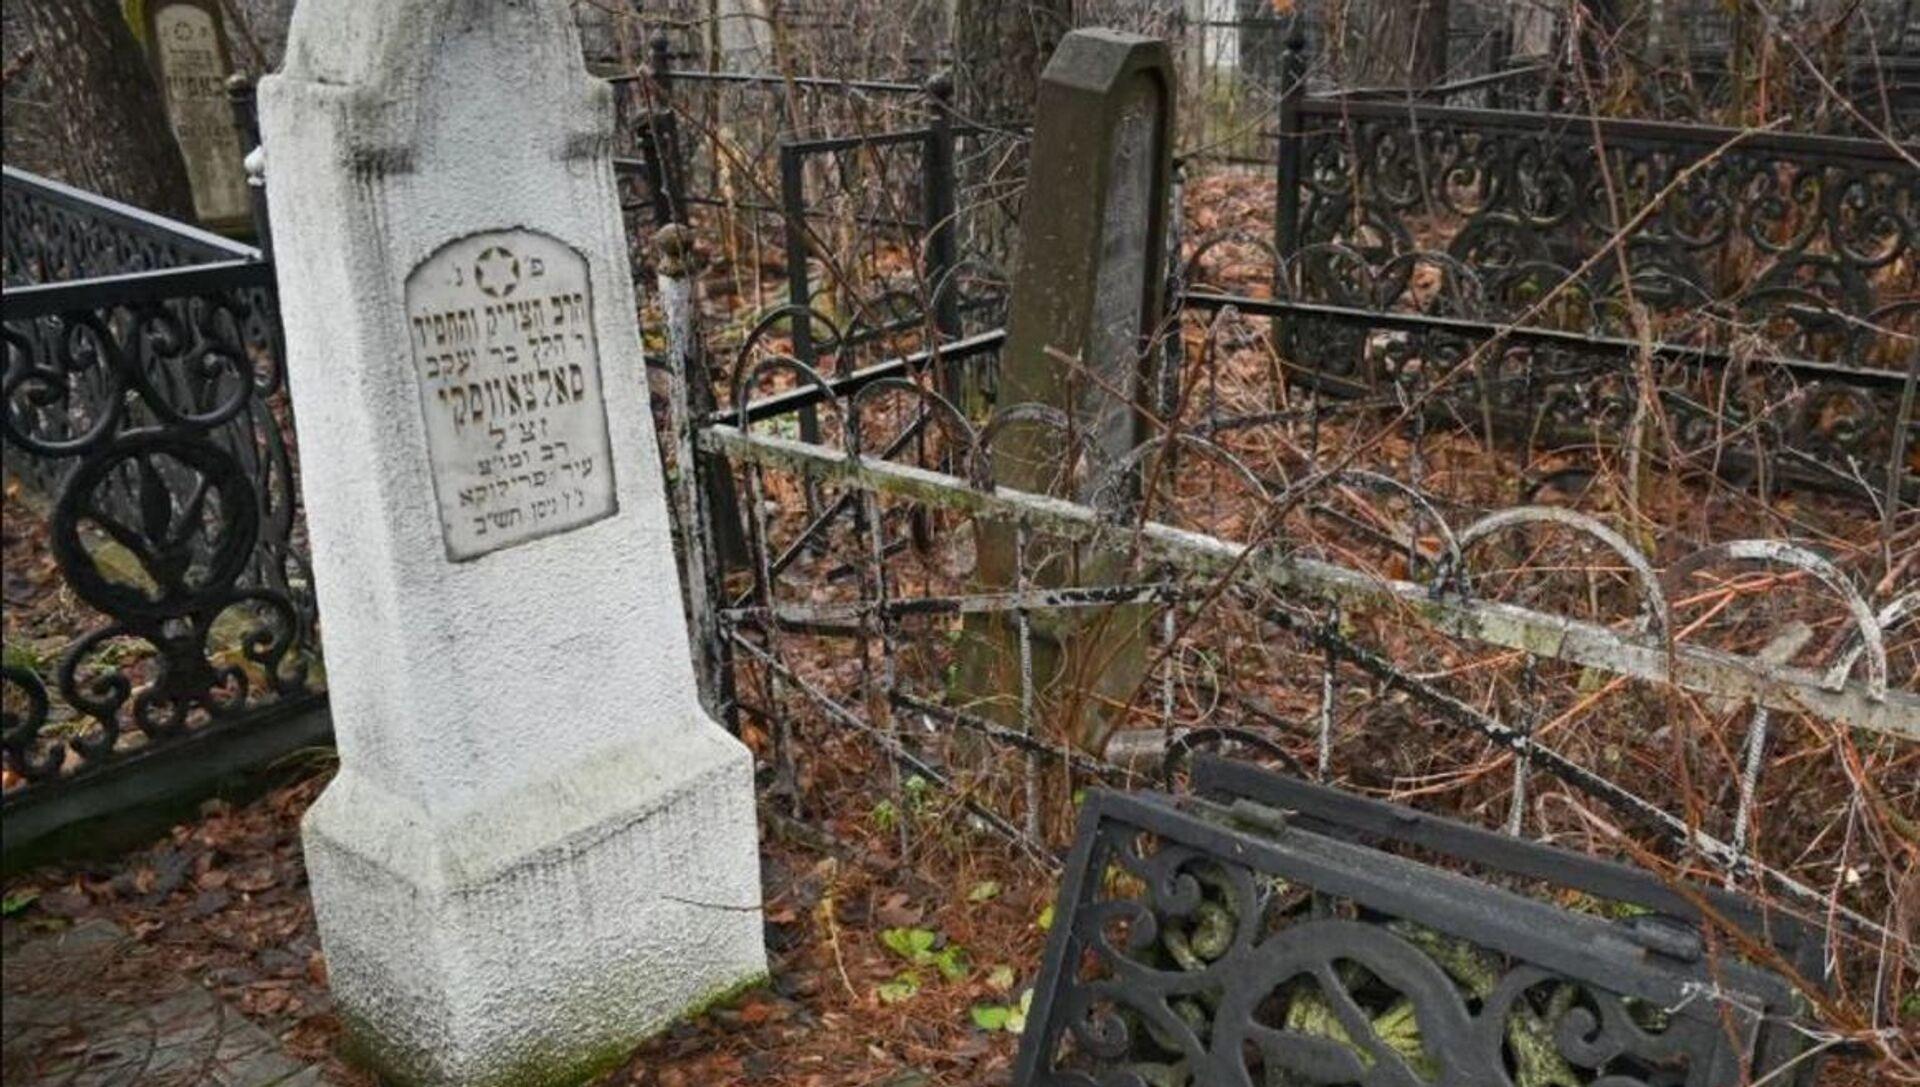 Еврейское кладбище разграбили в Бобруйске - Sputnik Беларусь, 1920, 16.02.2021